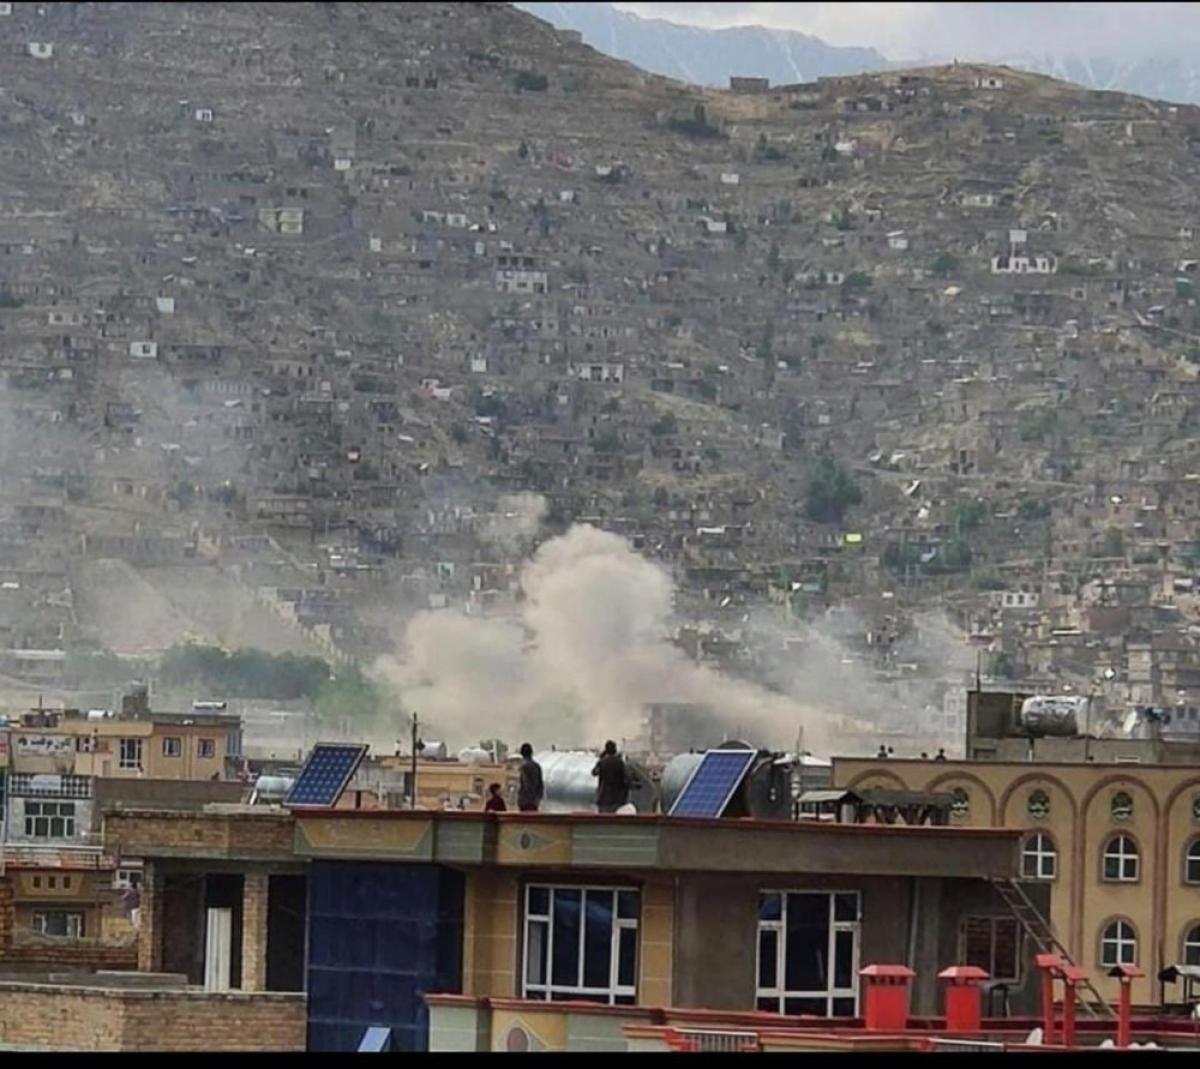 Vụ nổ gần trường học ở Afghanistan khiến nhiều người thương vong. (Nguồn: Twitter)